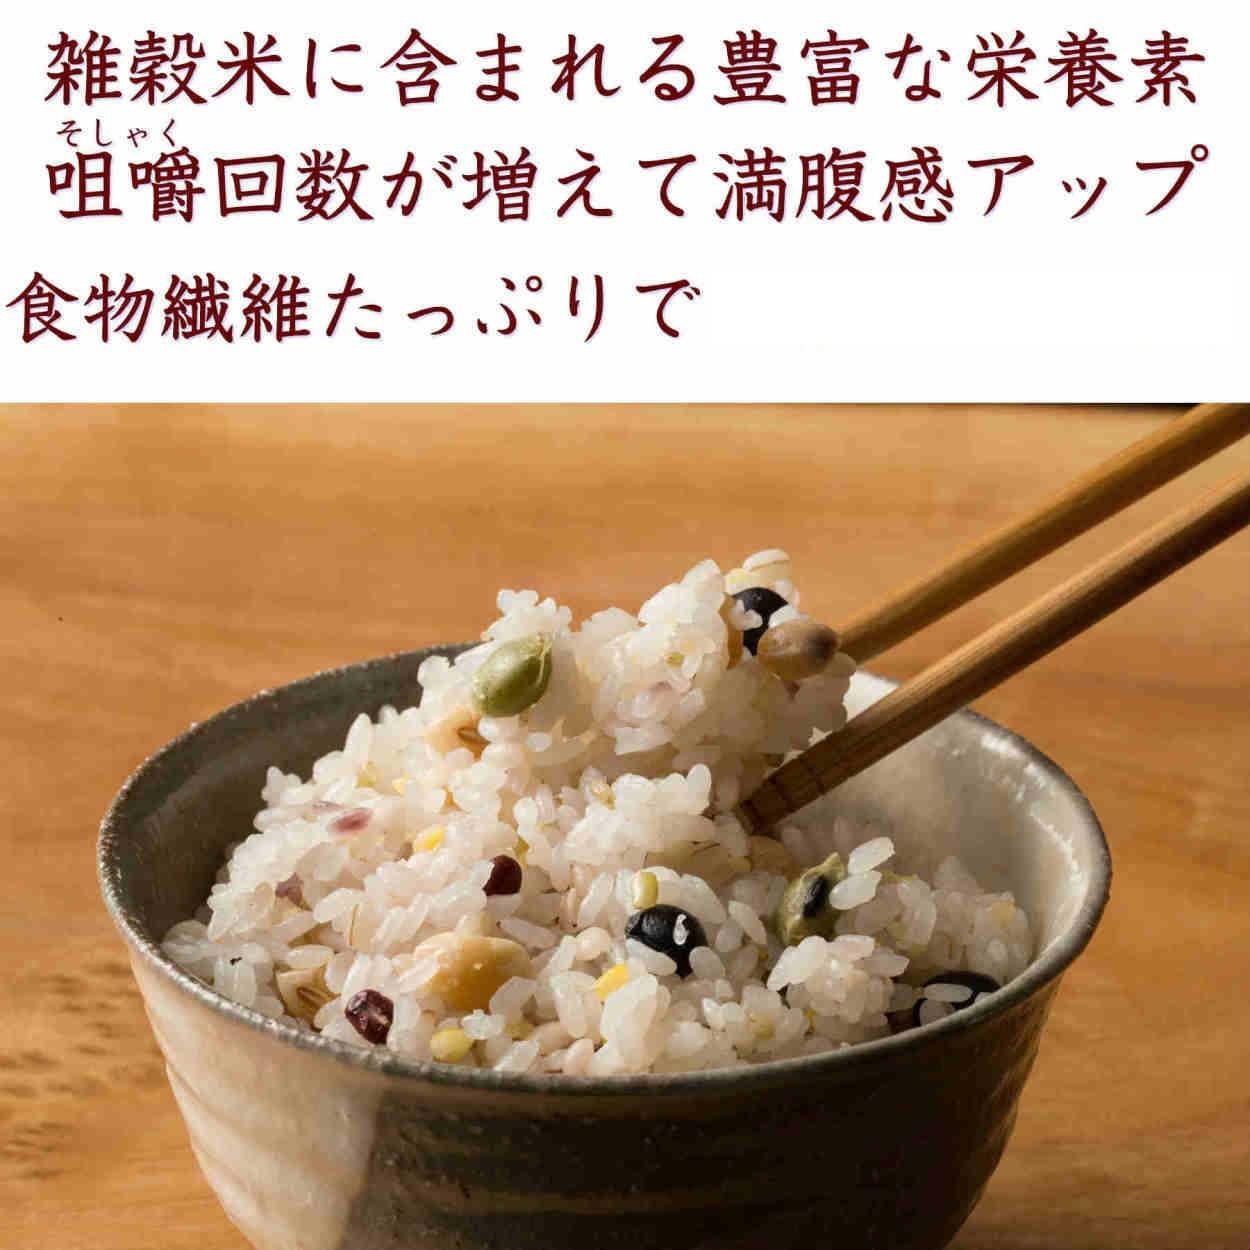 ダイエット雑穀(豆有)04